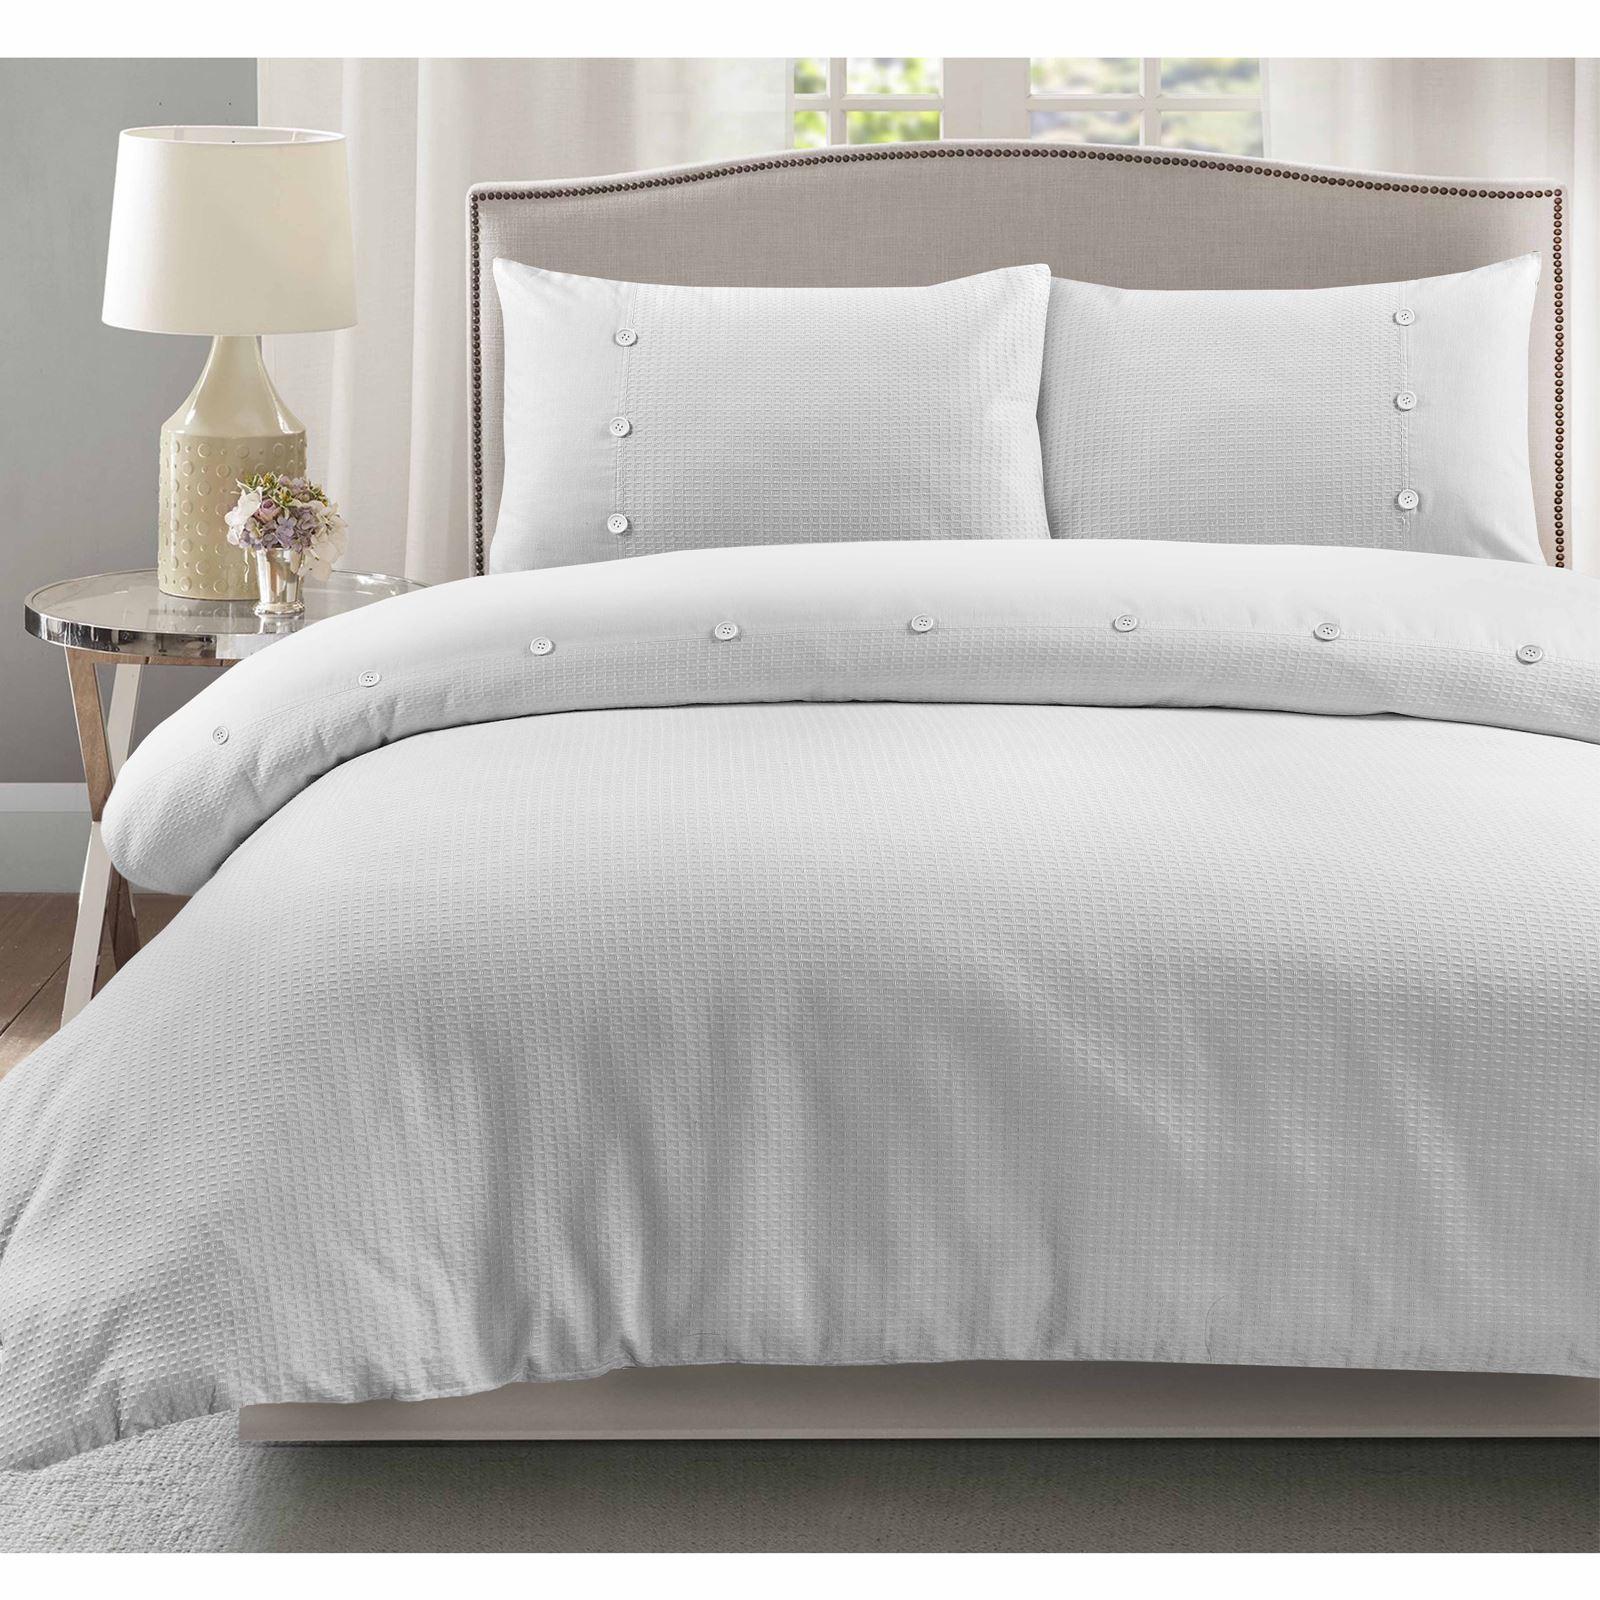 100-Algodon-Cuidado-facil-cubierta-del-edredon-edredon-multicolor-nuevo-conjunto-de-ropa-de-cama miniatura 23